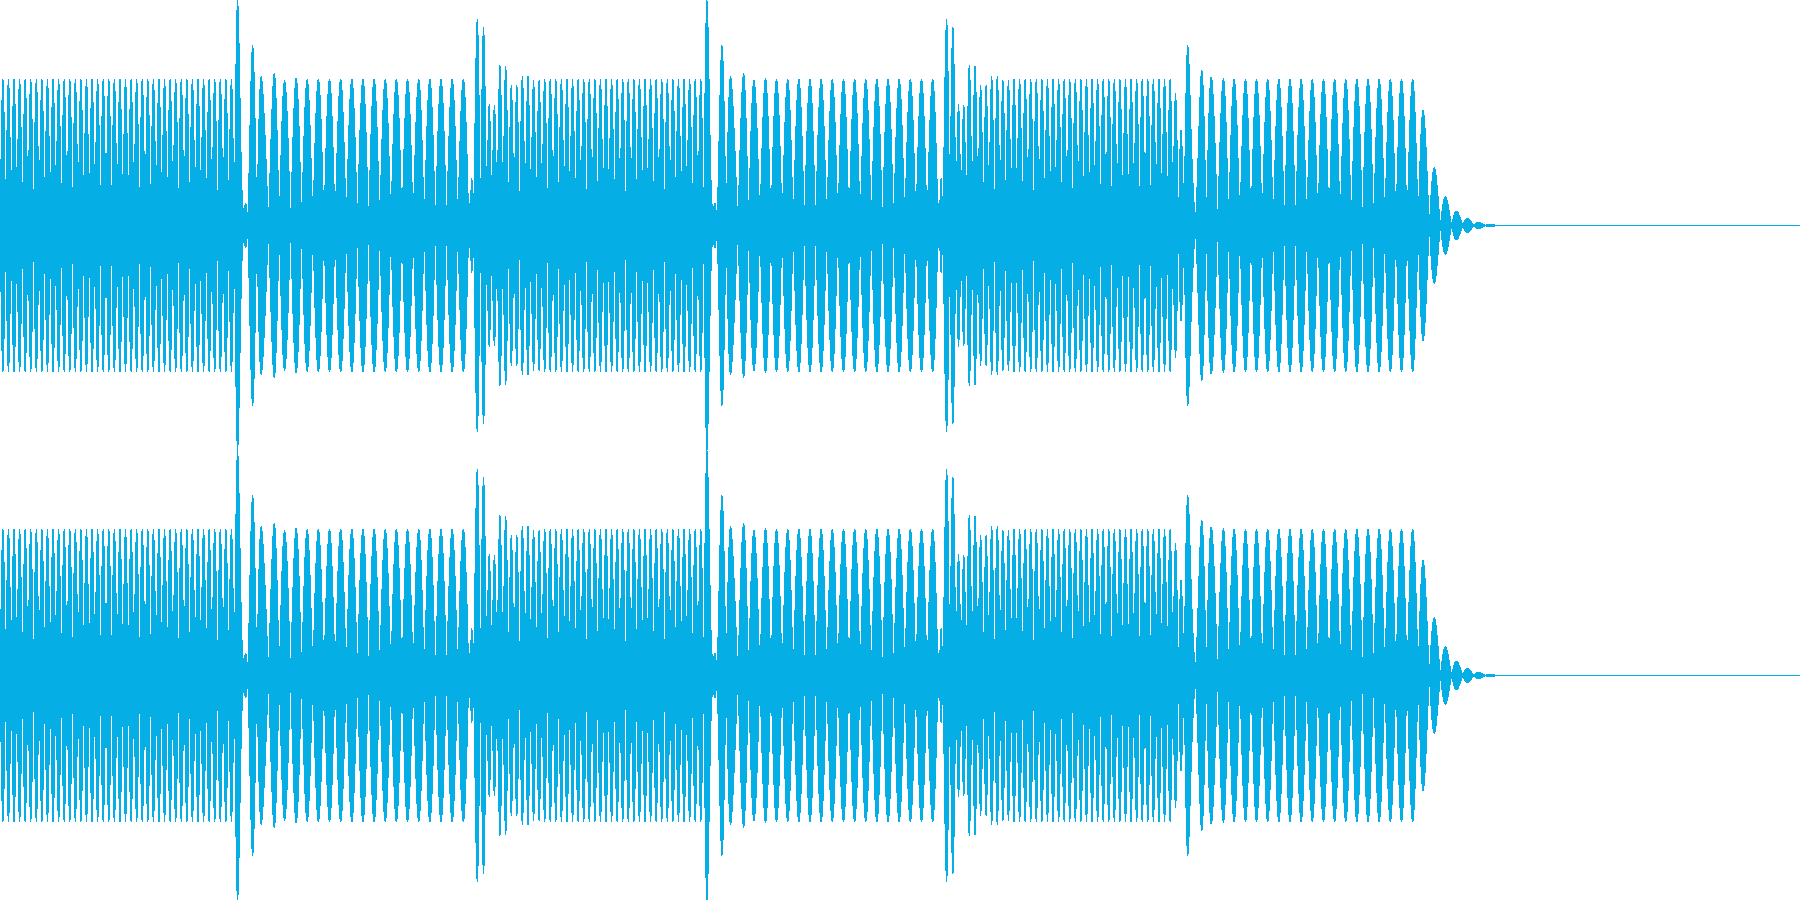 ボタン・操作音4(エラー)の再生済みの波形